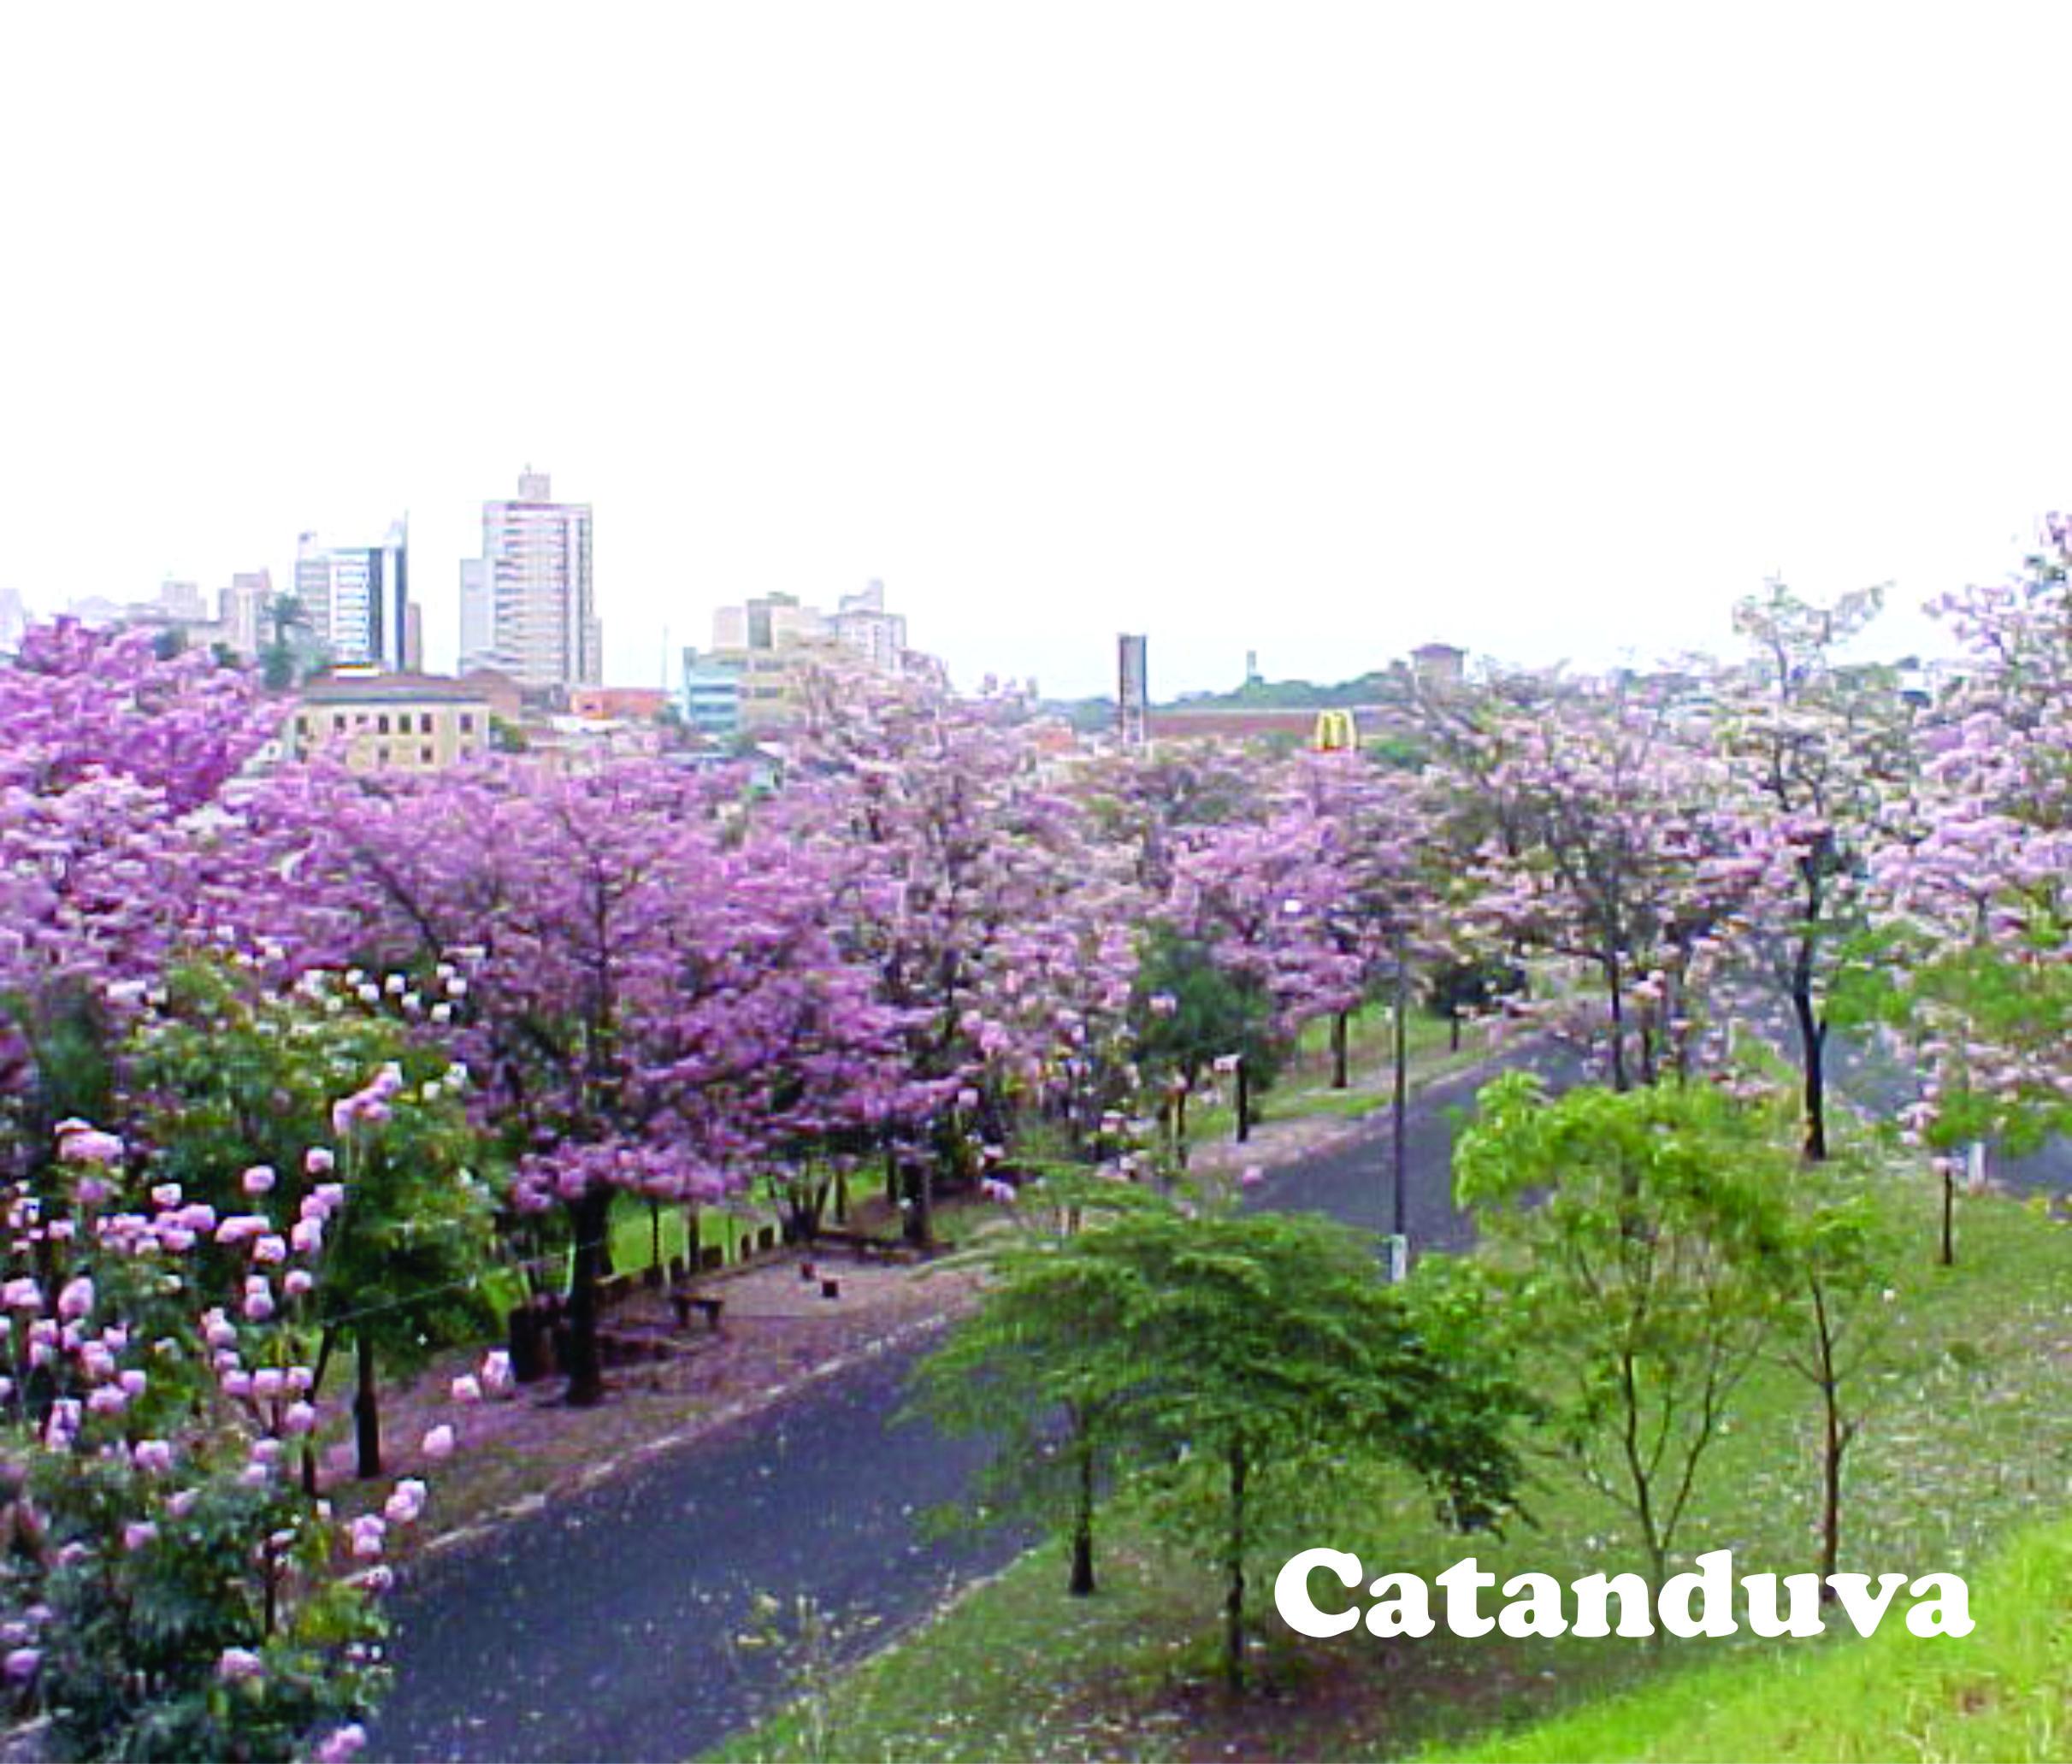 CATANDUVA